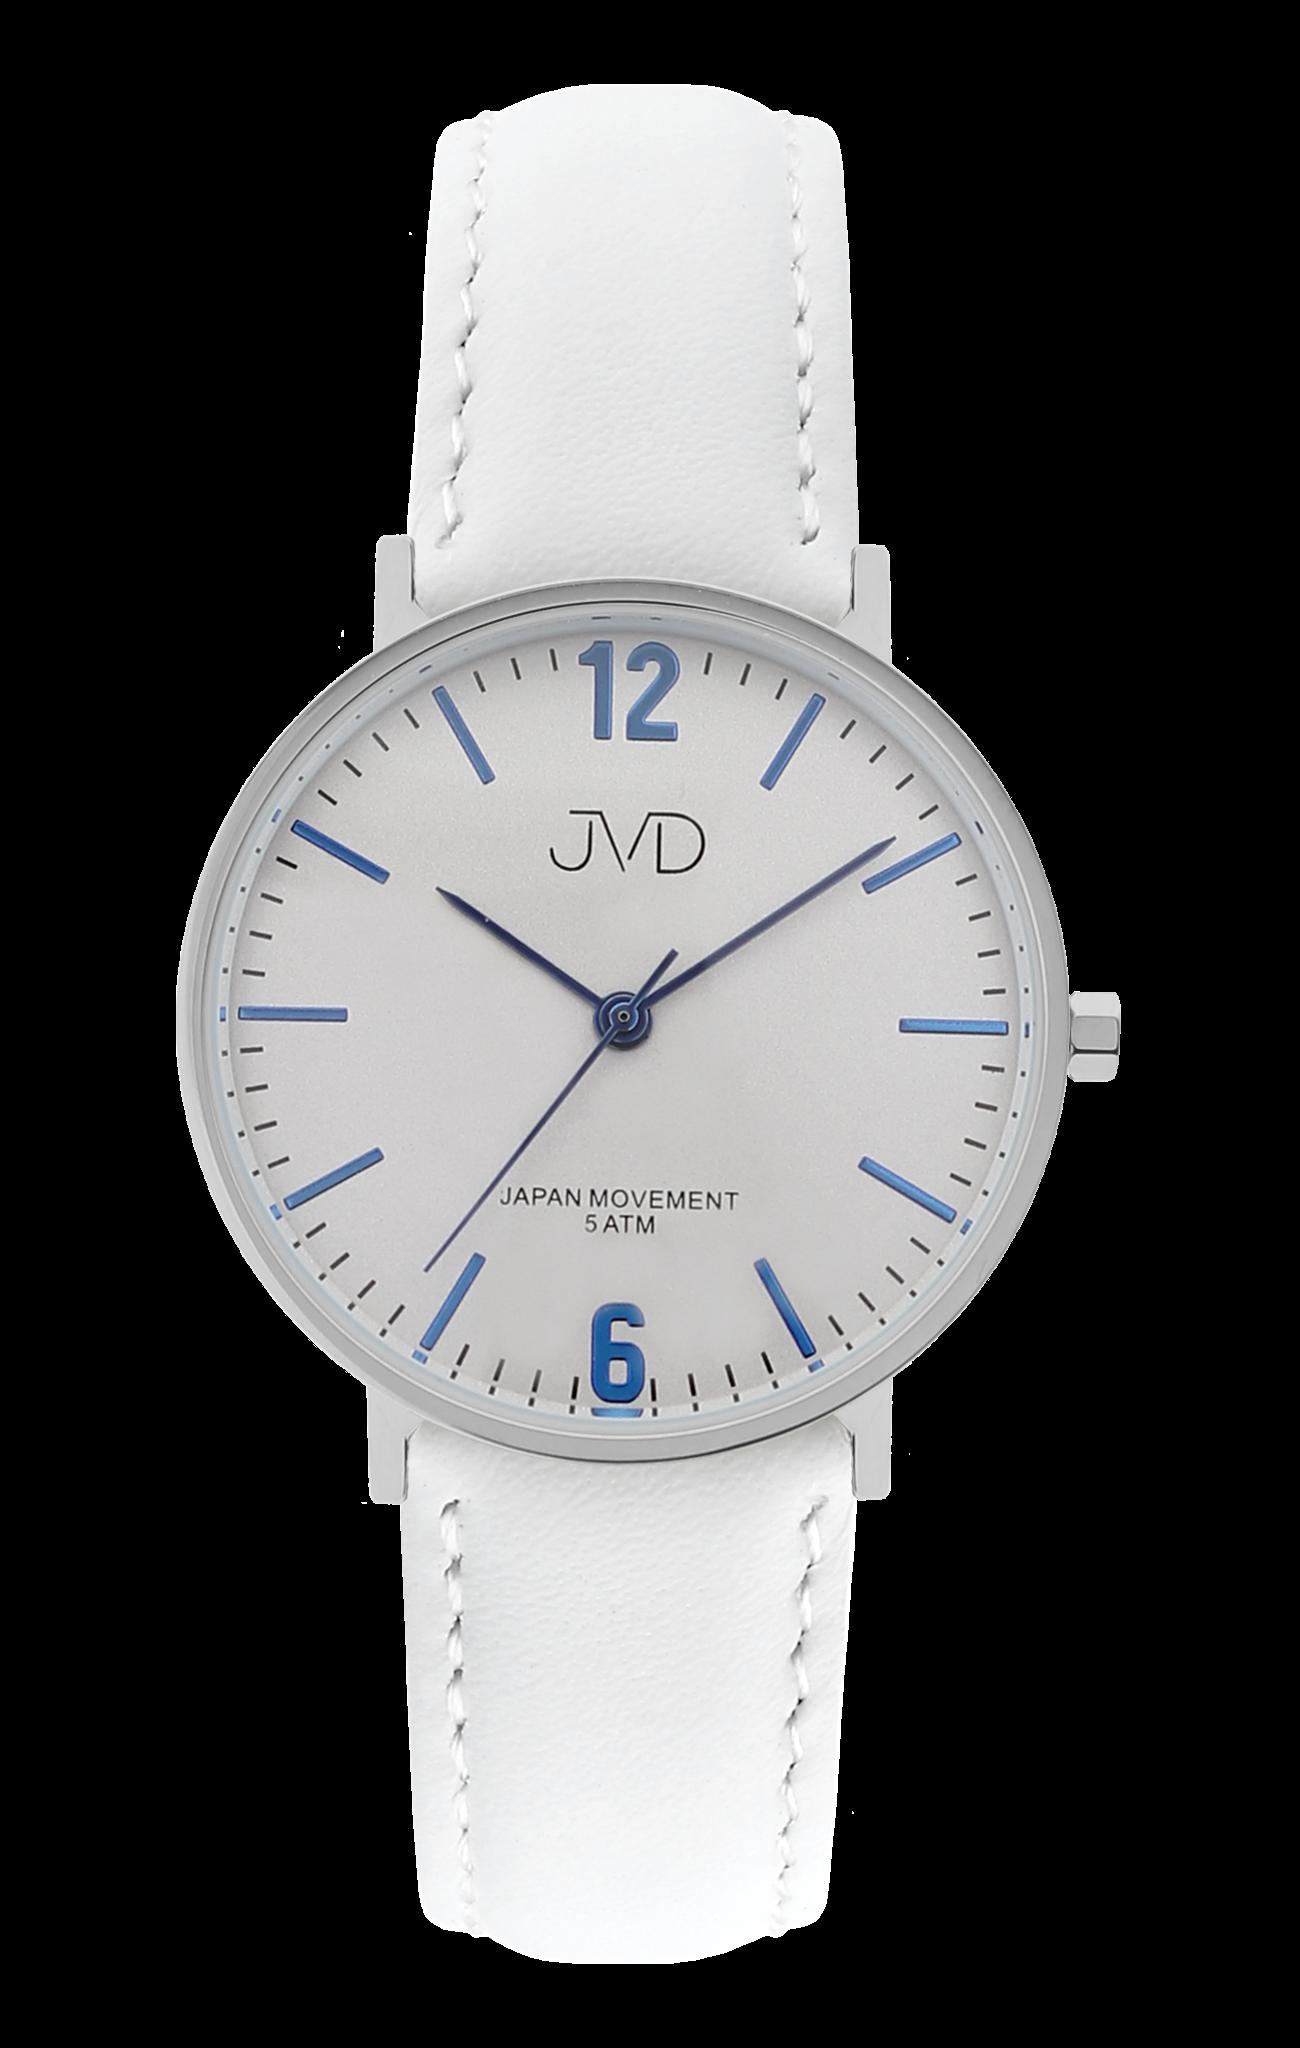 2f5f0e51891 Bílé dámské luxusní elegantní hodinky JVD J4173.1 s modrými prvky